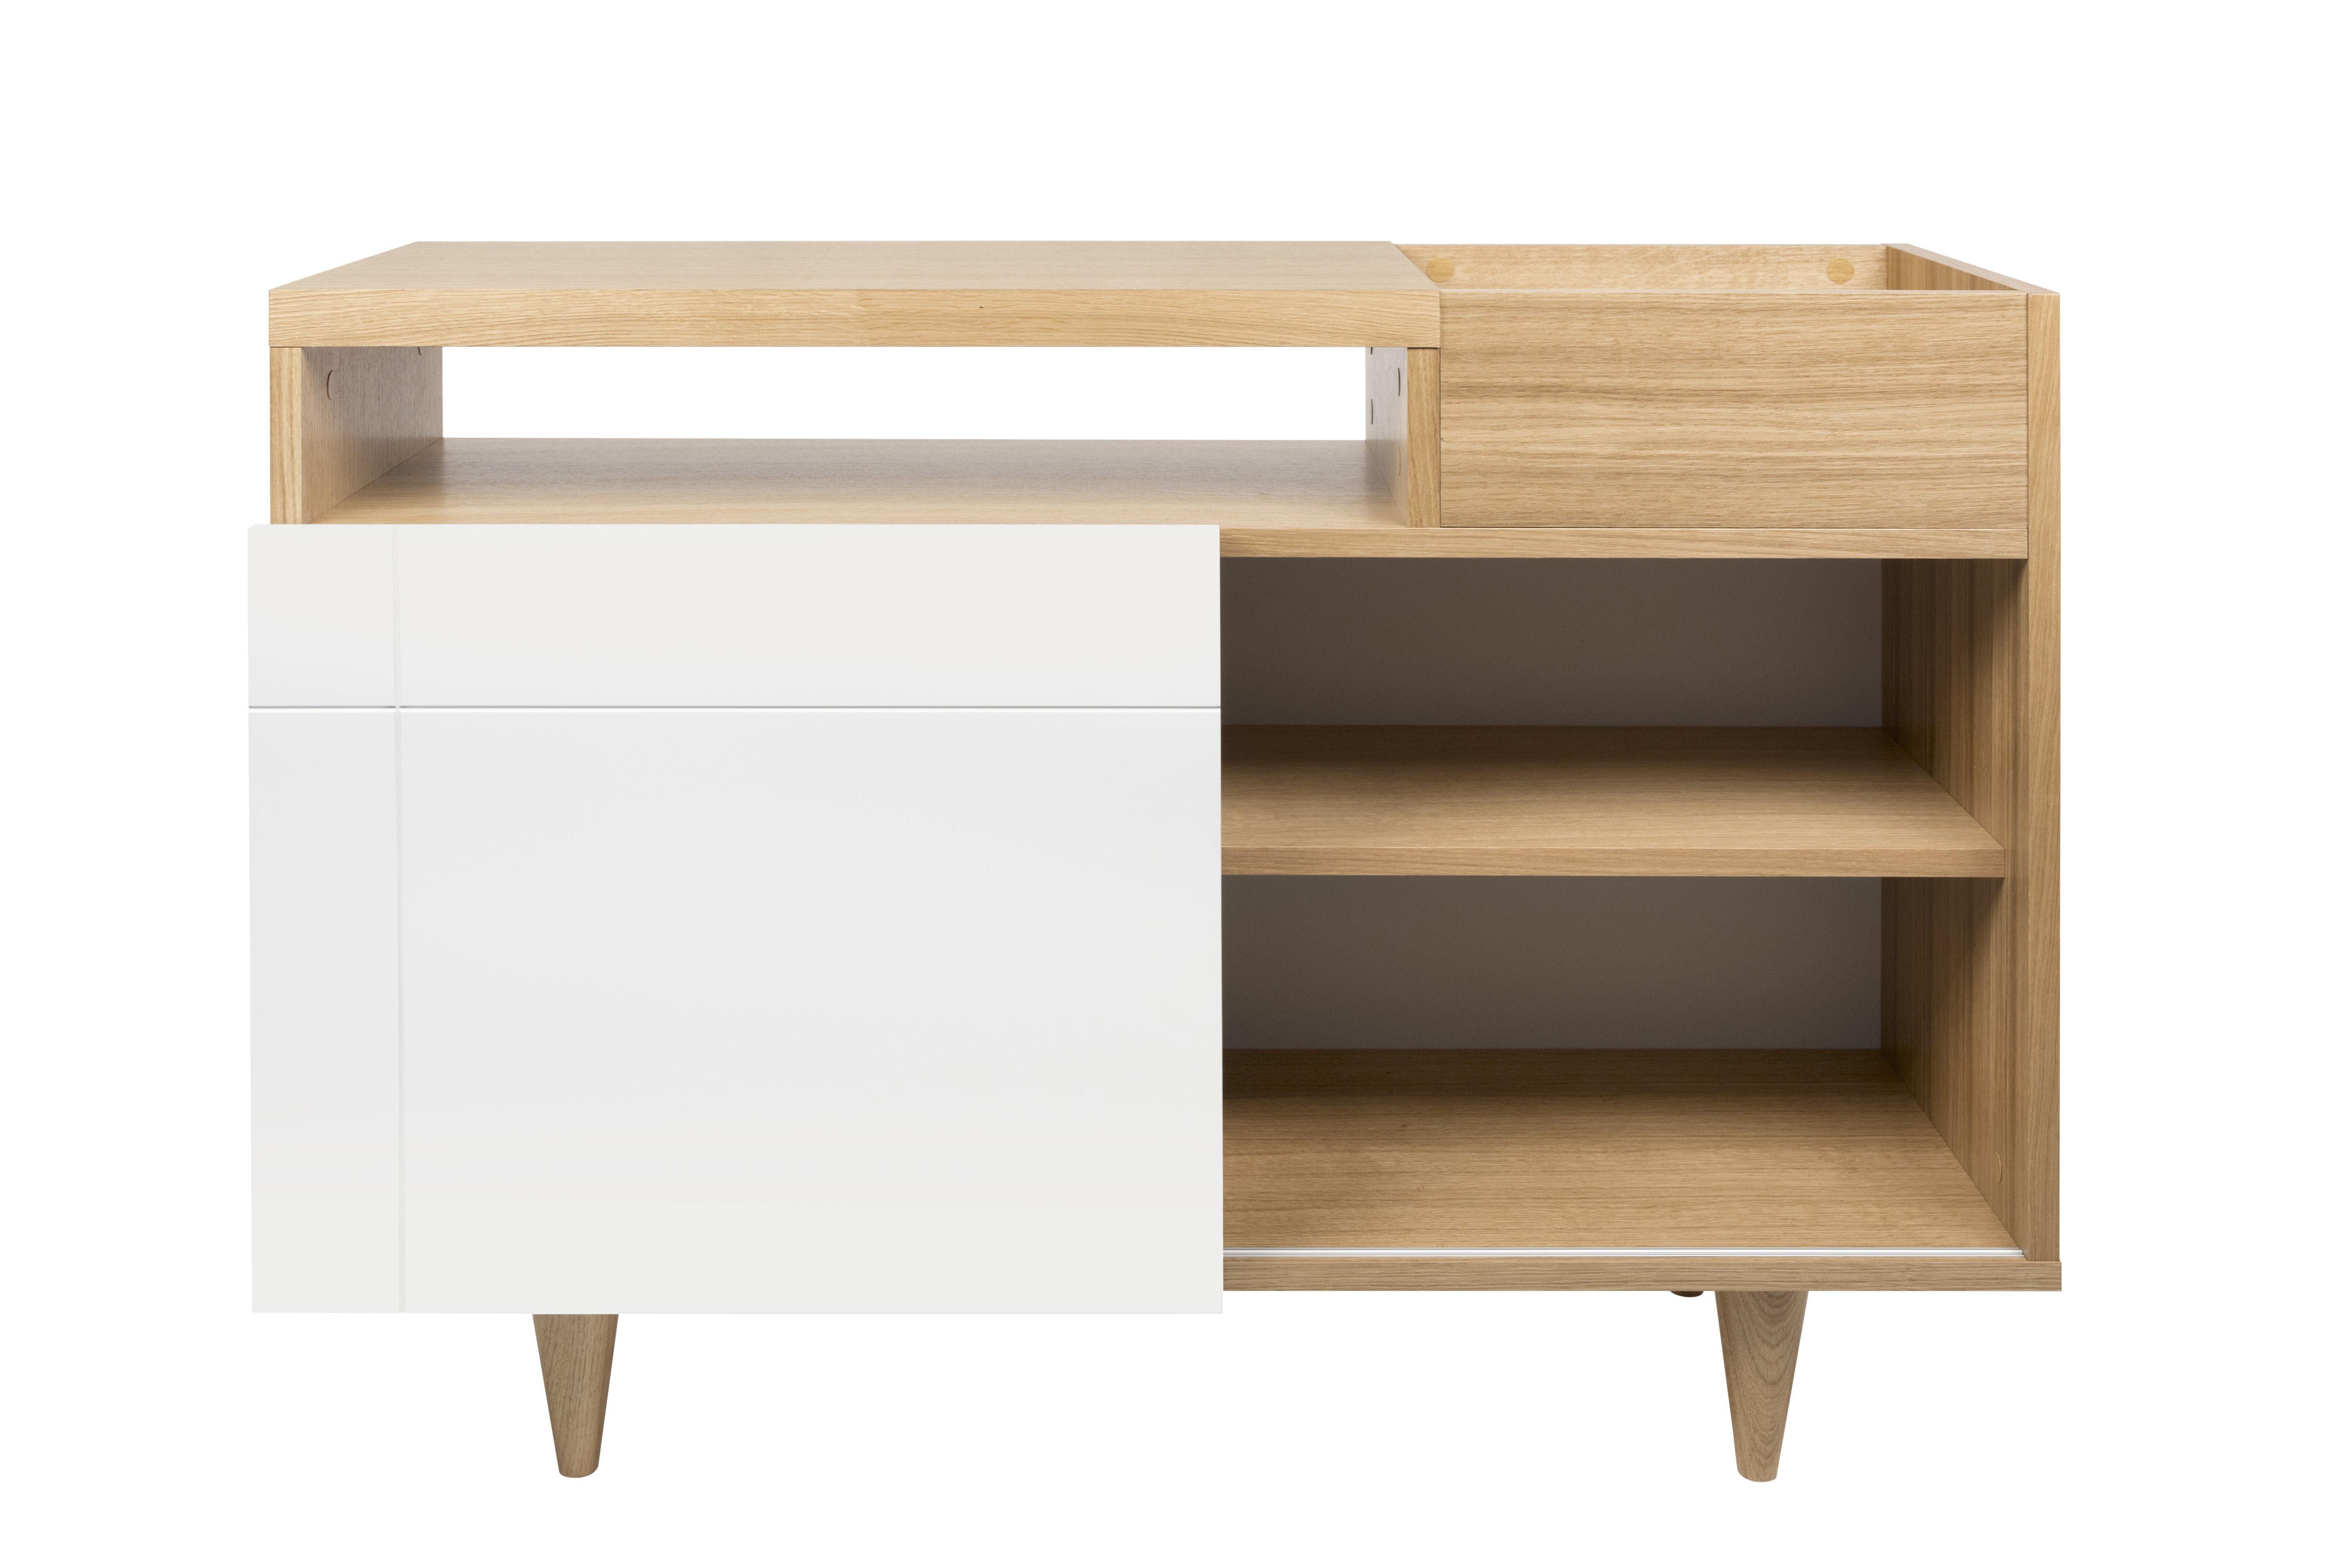 Mobilier - Commodes, buffets & armoires - Buffet Slide / L 110 x H 82 cm - POP UP HOME - Blanc / Chêne - Aggloméré plaqué chêne, MDF peint